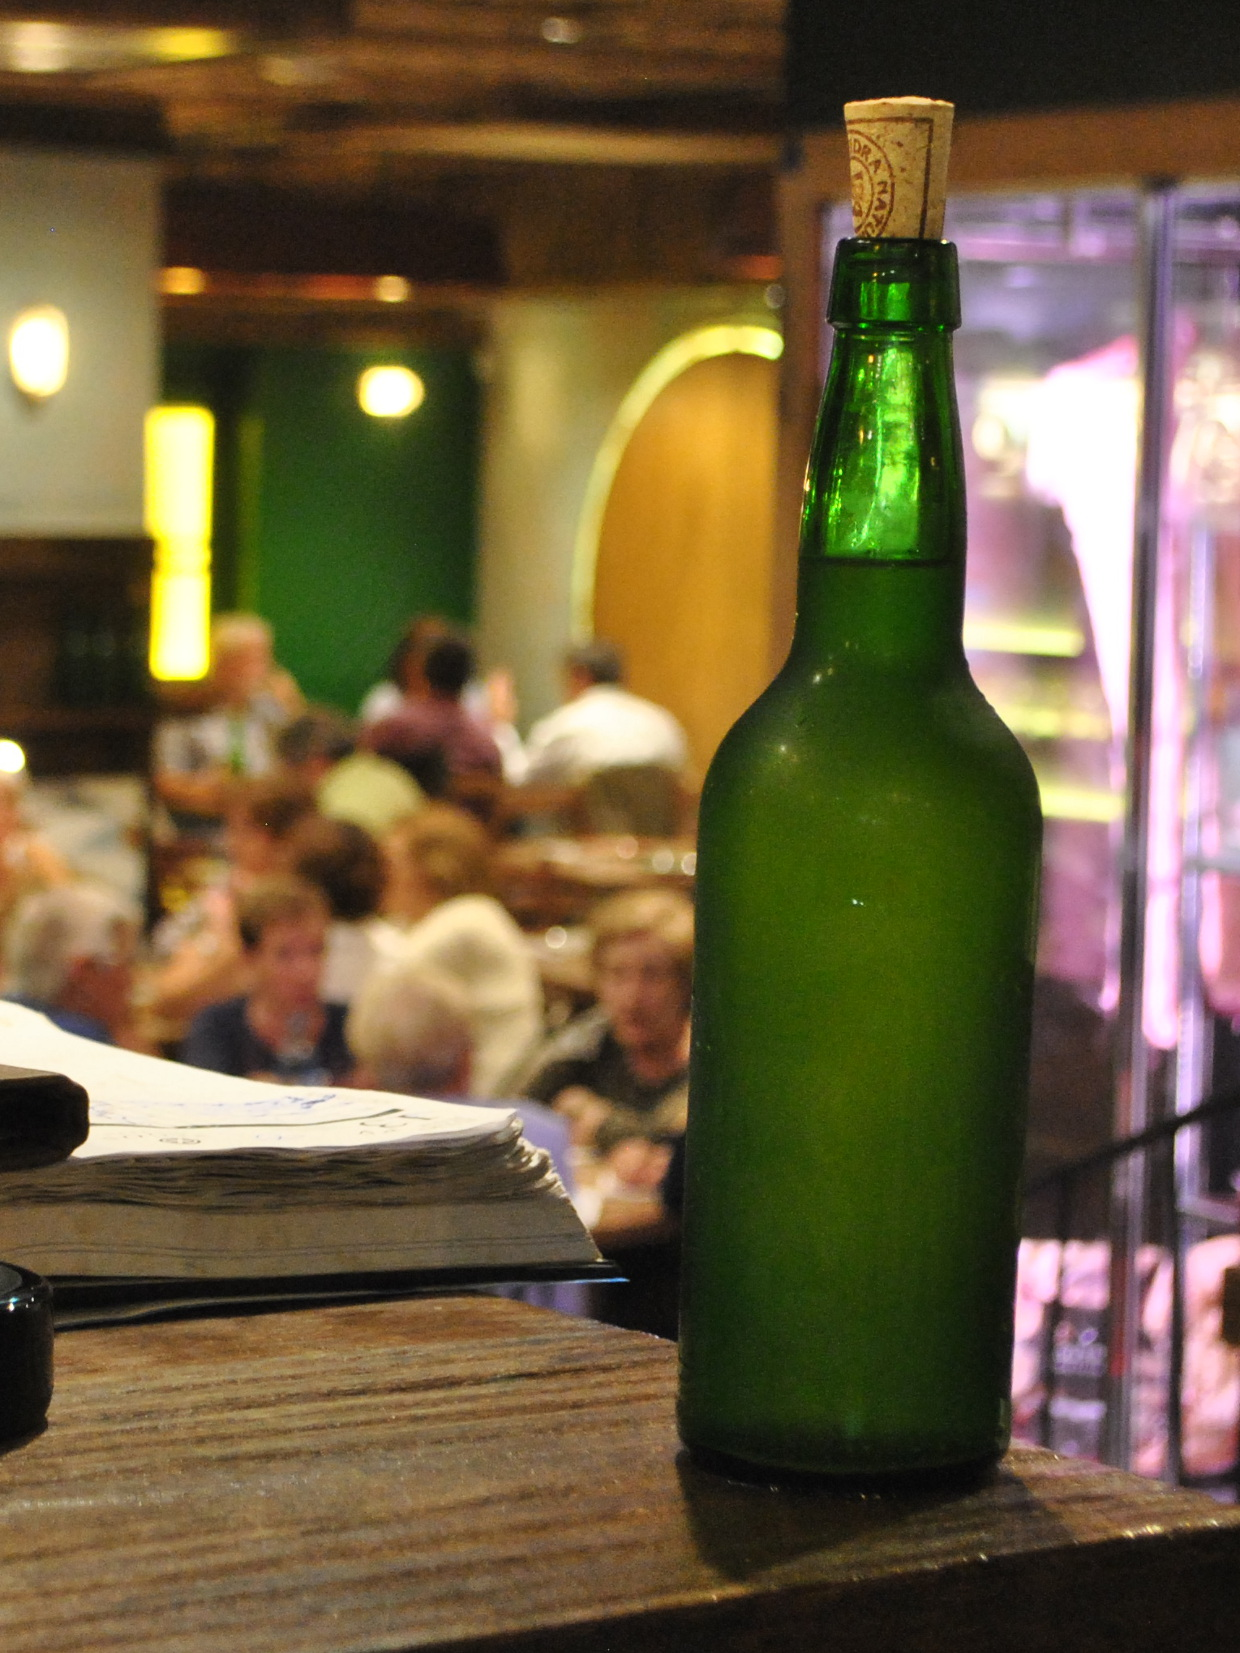 Botella de sidra natural o Arnegui (Rioja crianza)